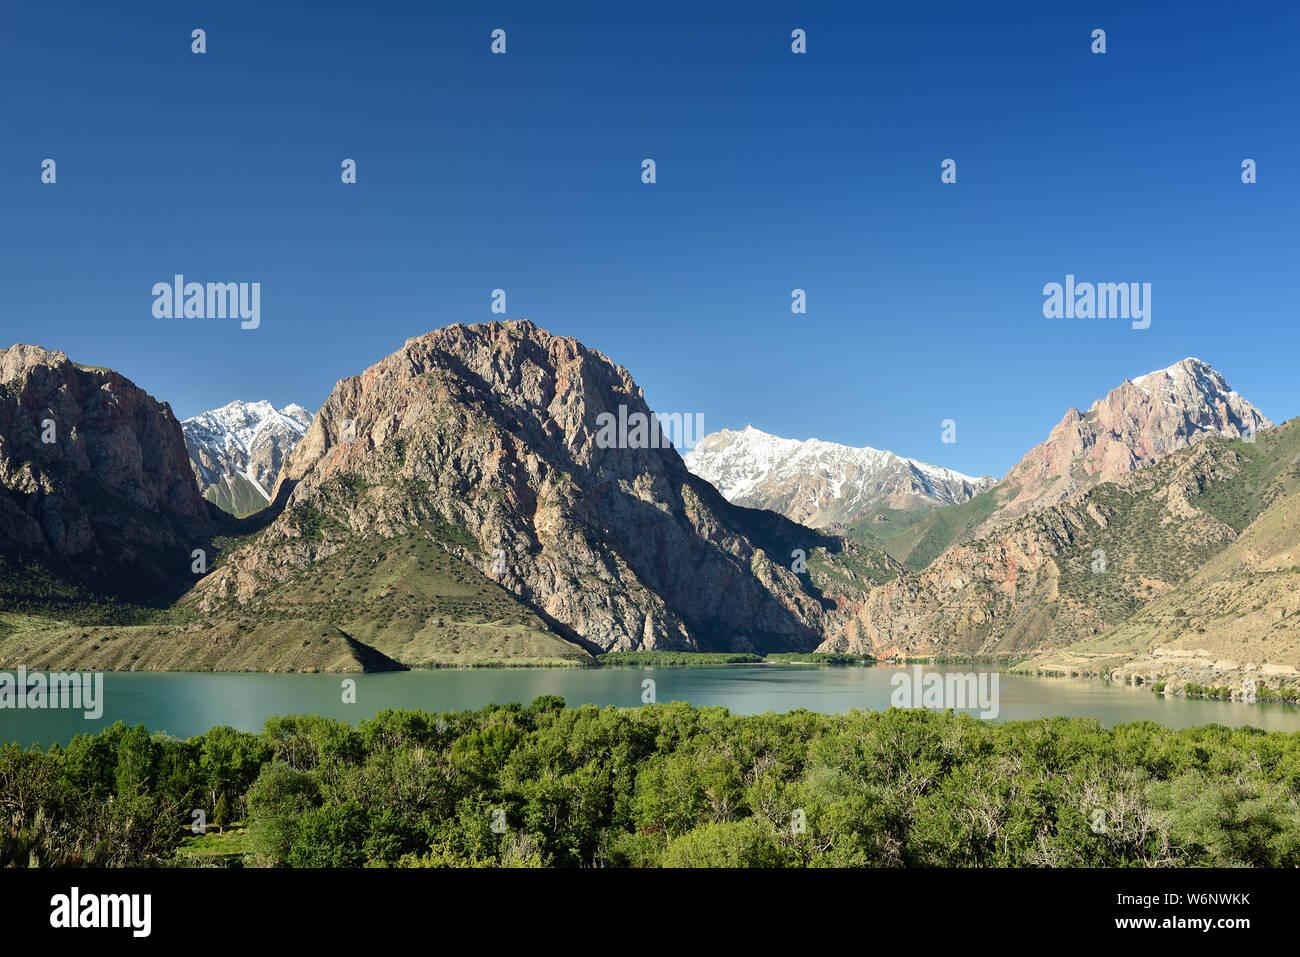 Iskander Stock Photos & Iskander Stock Images - Alamy